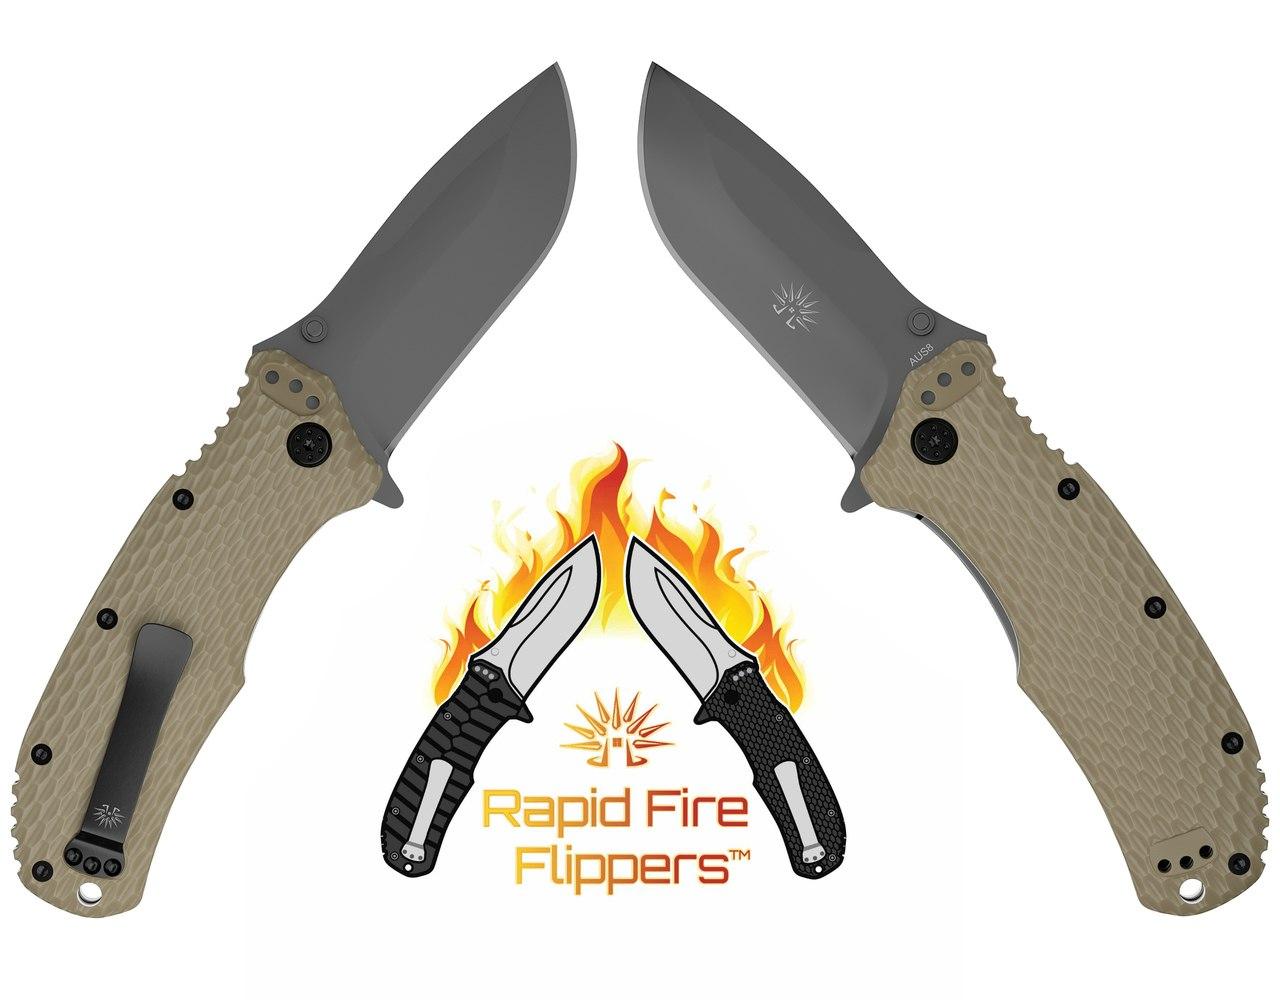 edc-razor-knife-for-sale.jpg